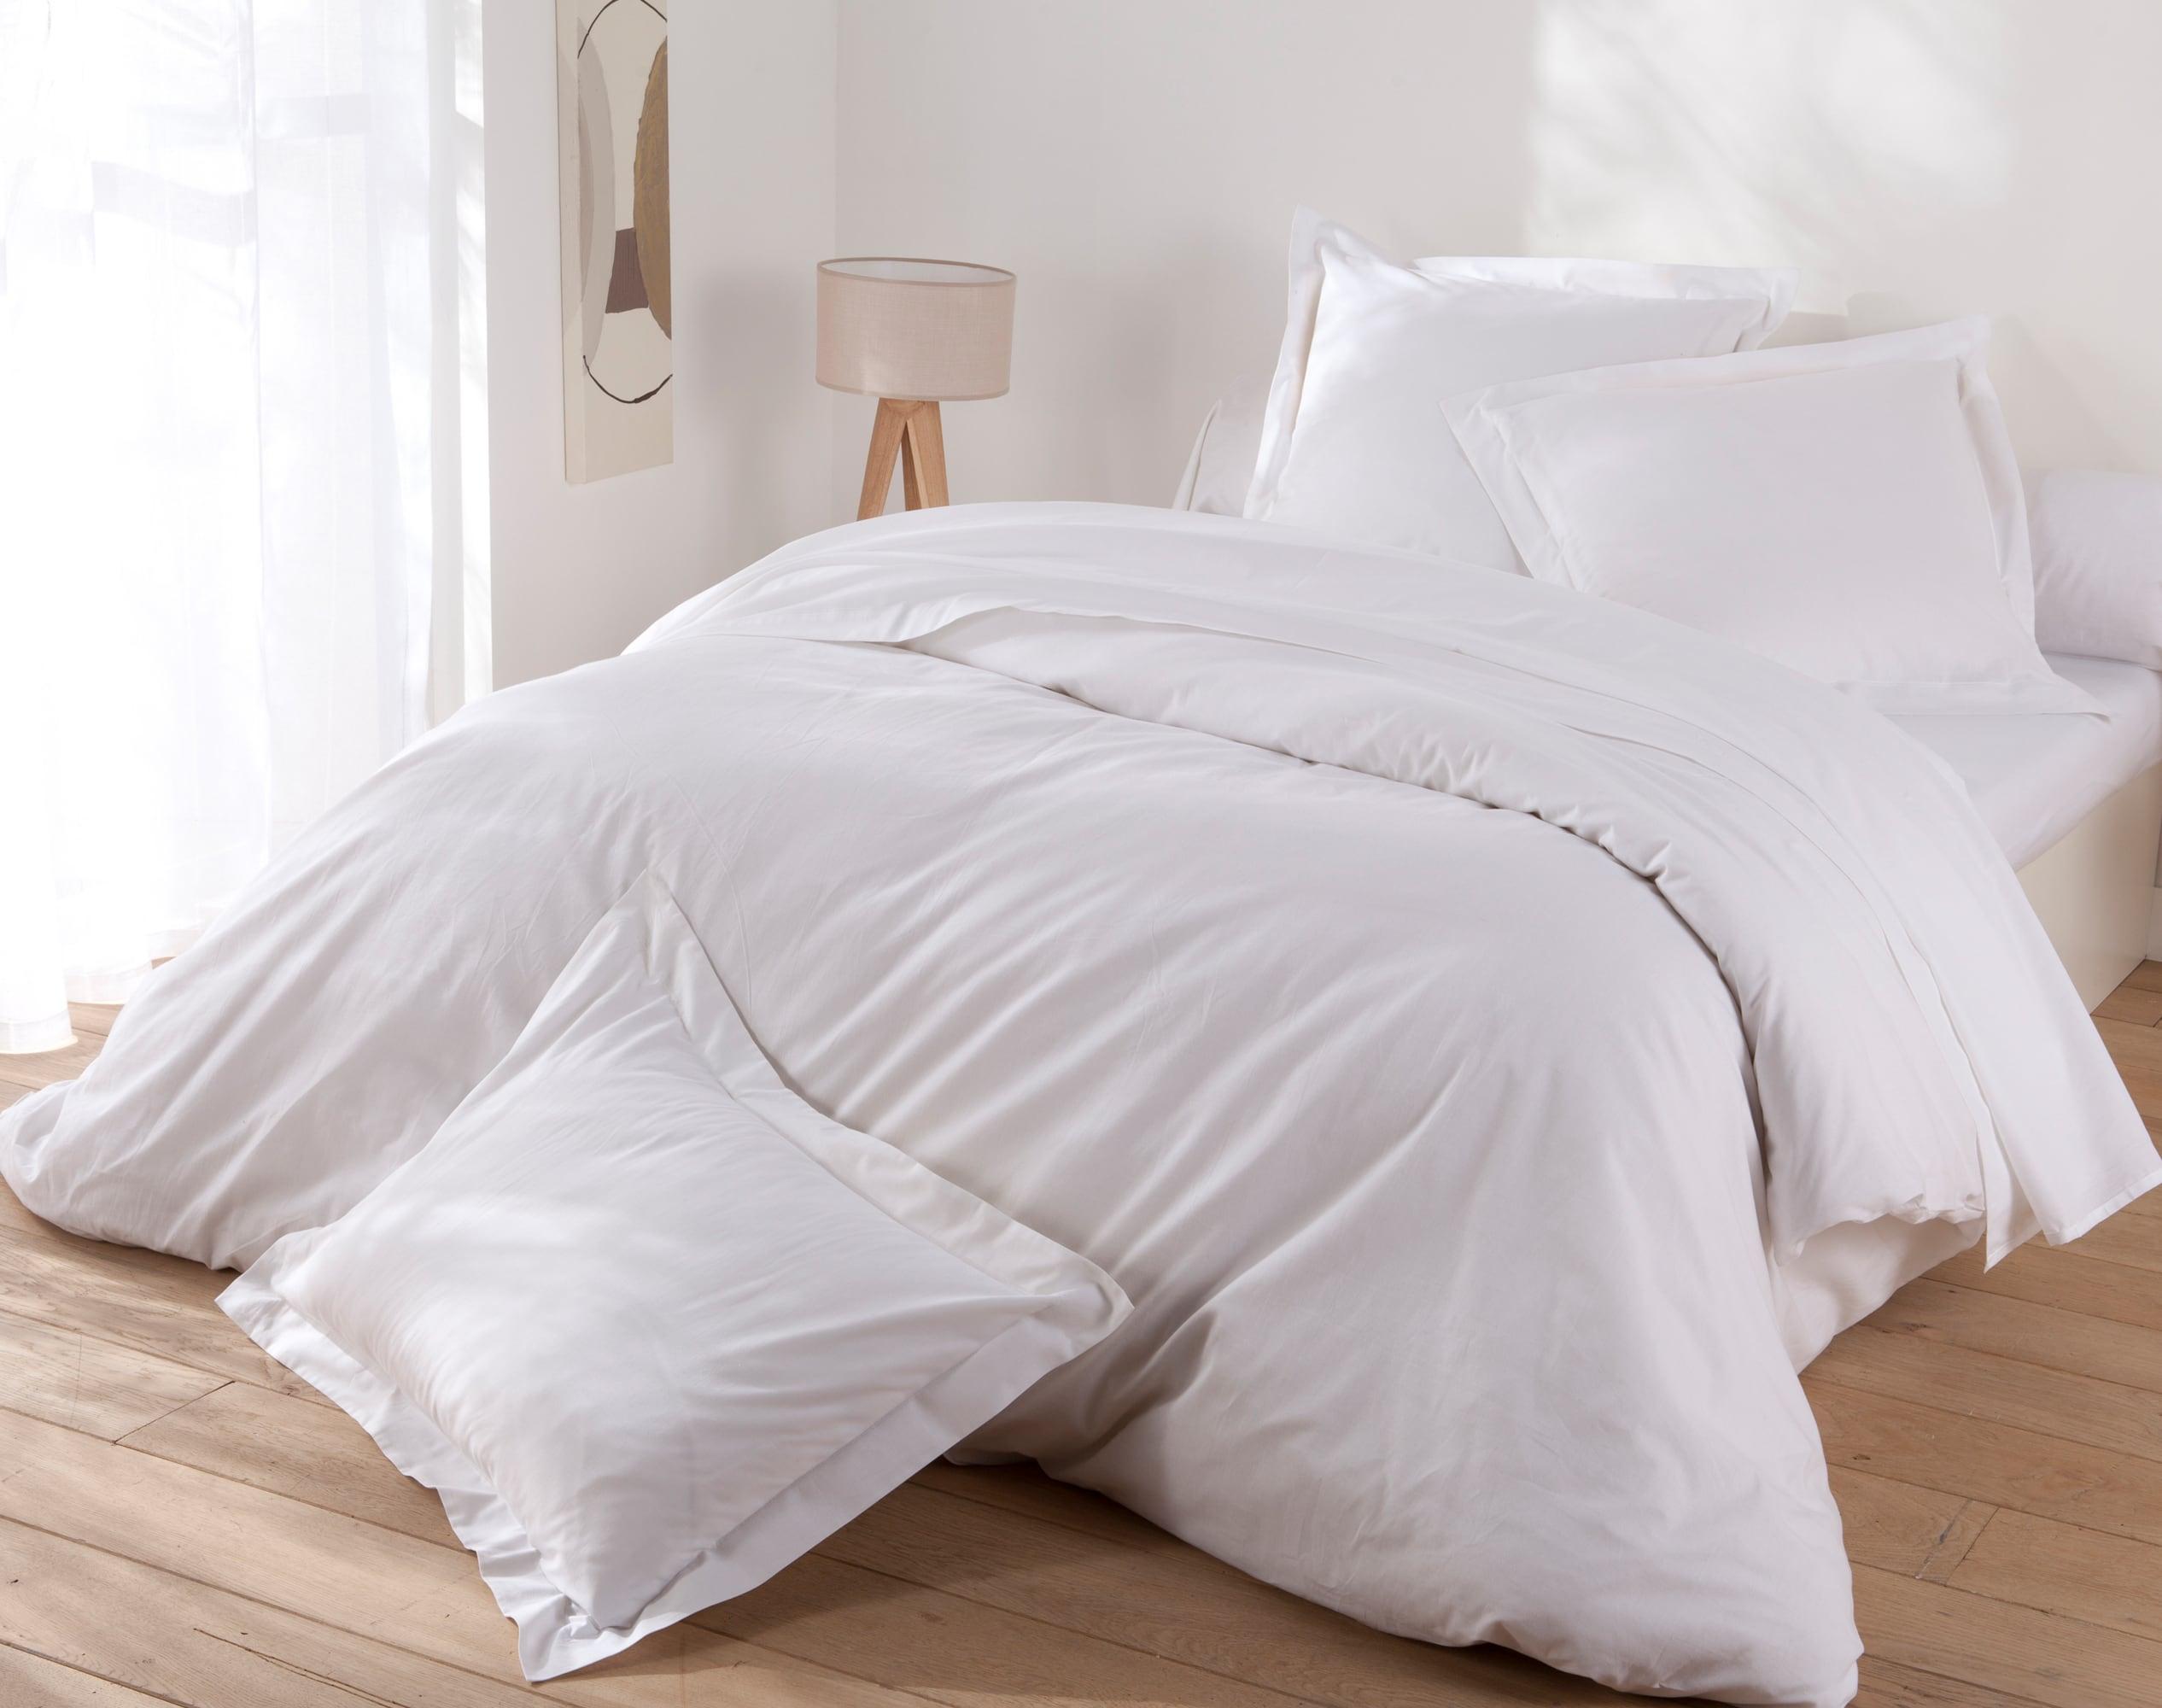 Housse de couette 140x200 en coton blanc